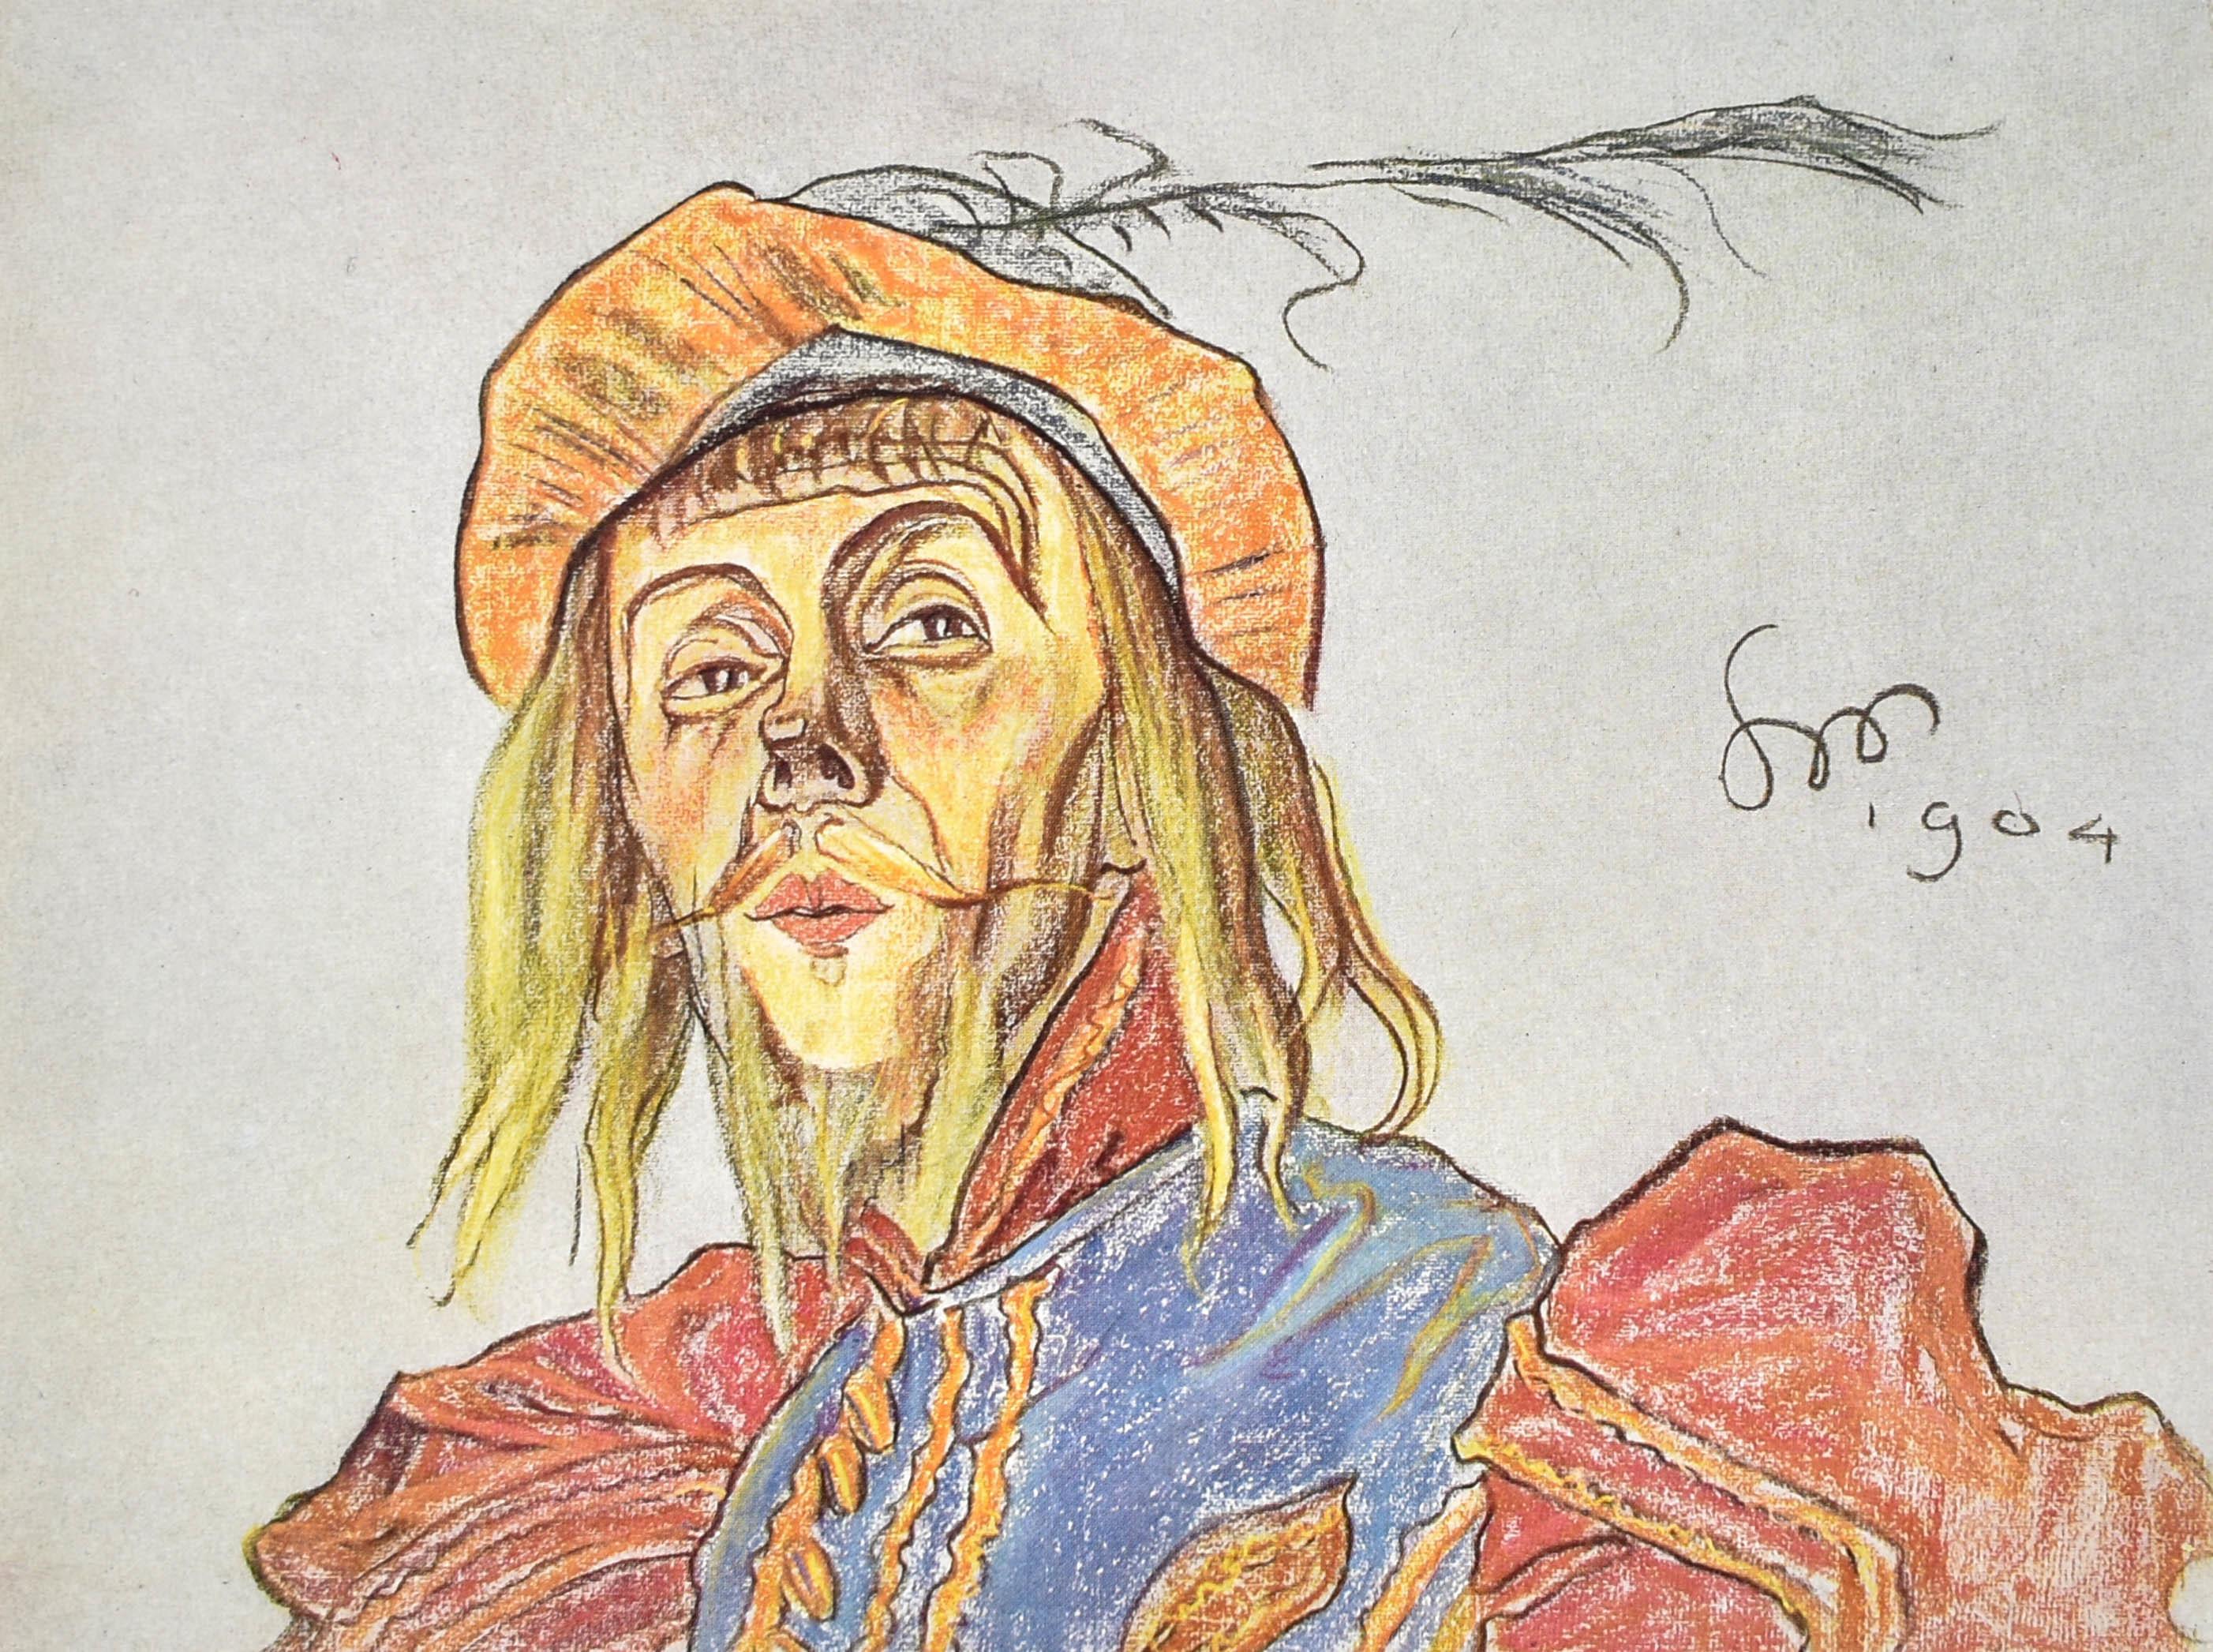 """L. Solski jako """"Chudogęba"""" w """"Wieczorze trzech króli"""" Szekspira, 1904"""